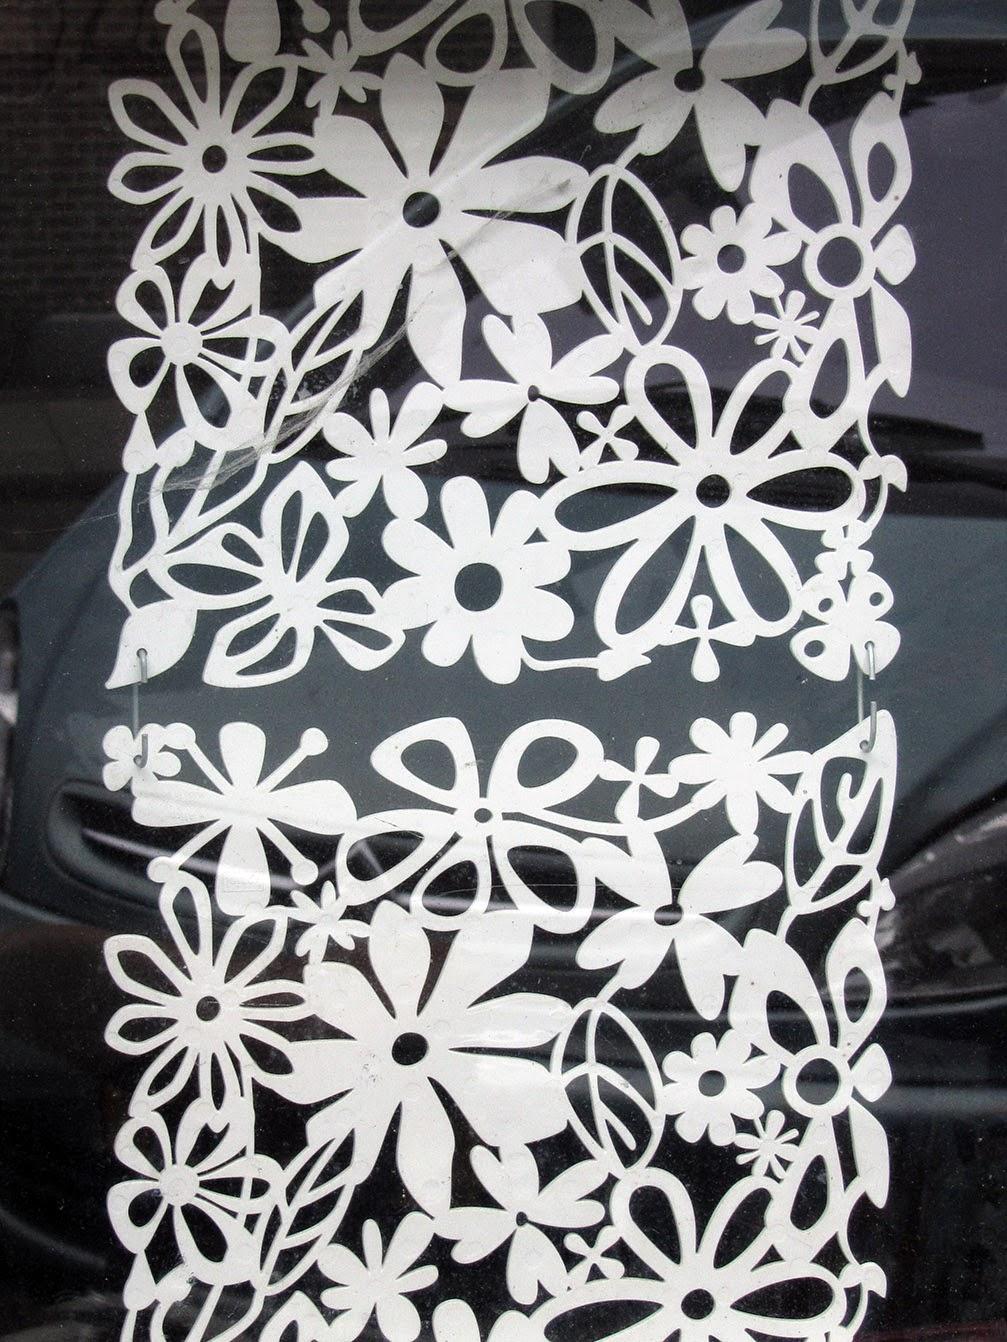 white paper cuts